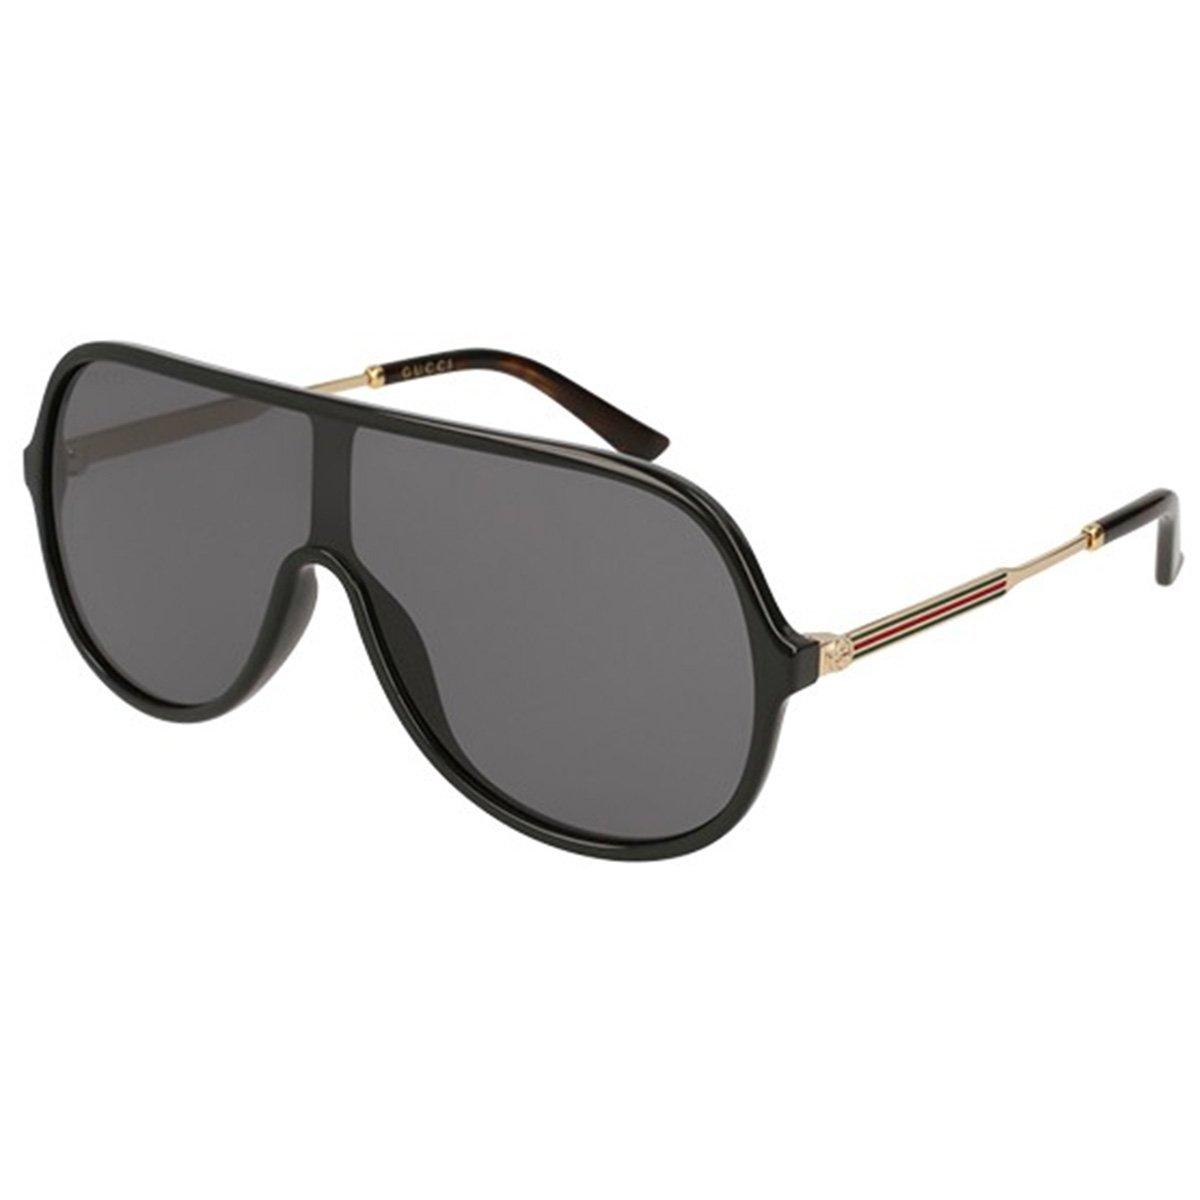 79851b94057a0 Compre Óculos de Sol Gucci em 10X   Tri-Jóia Shop